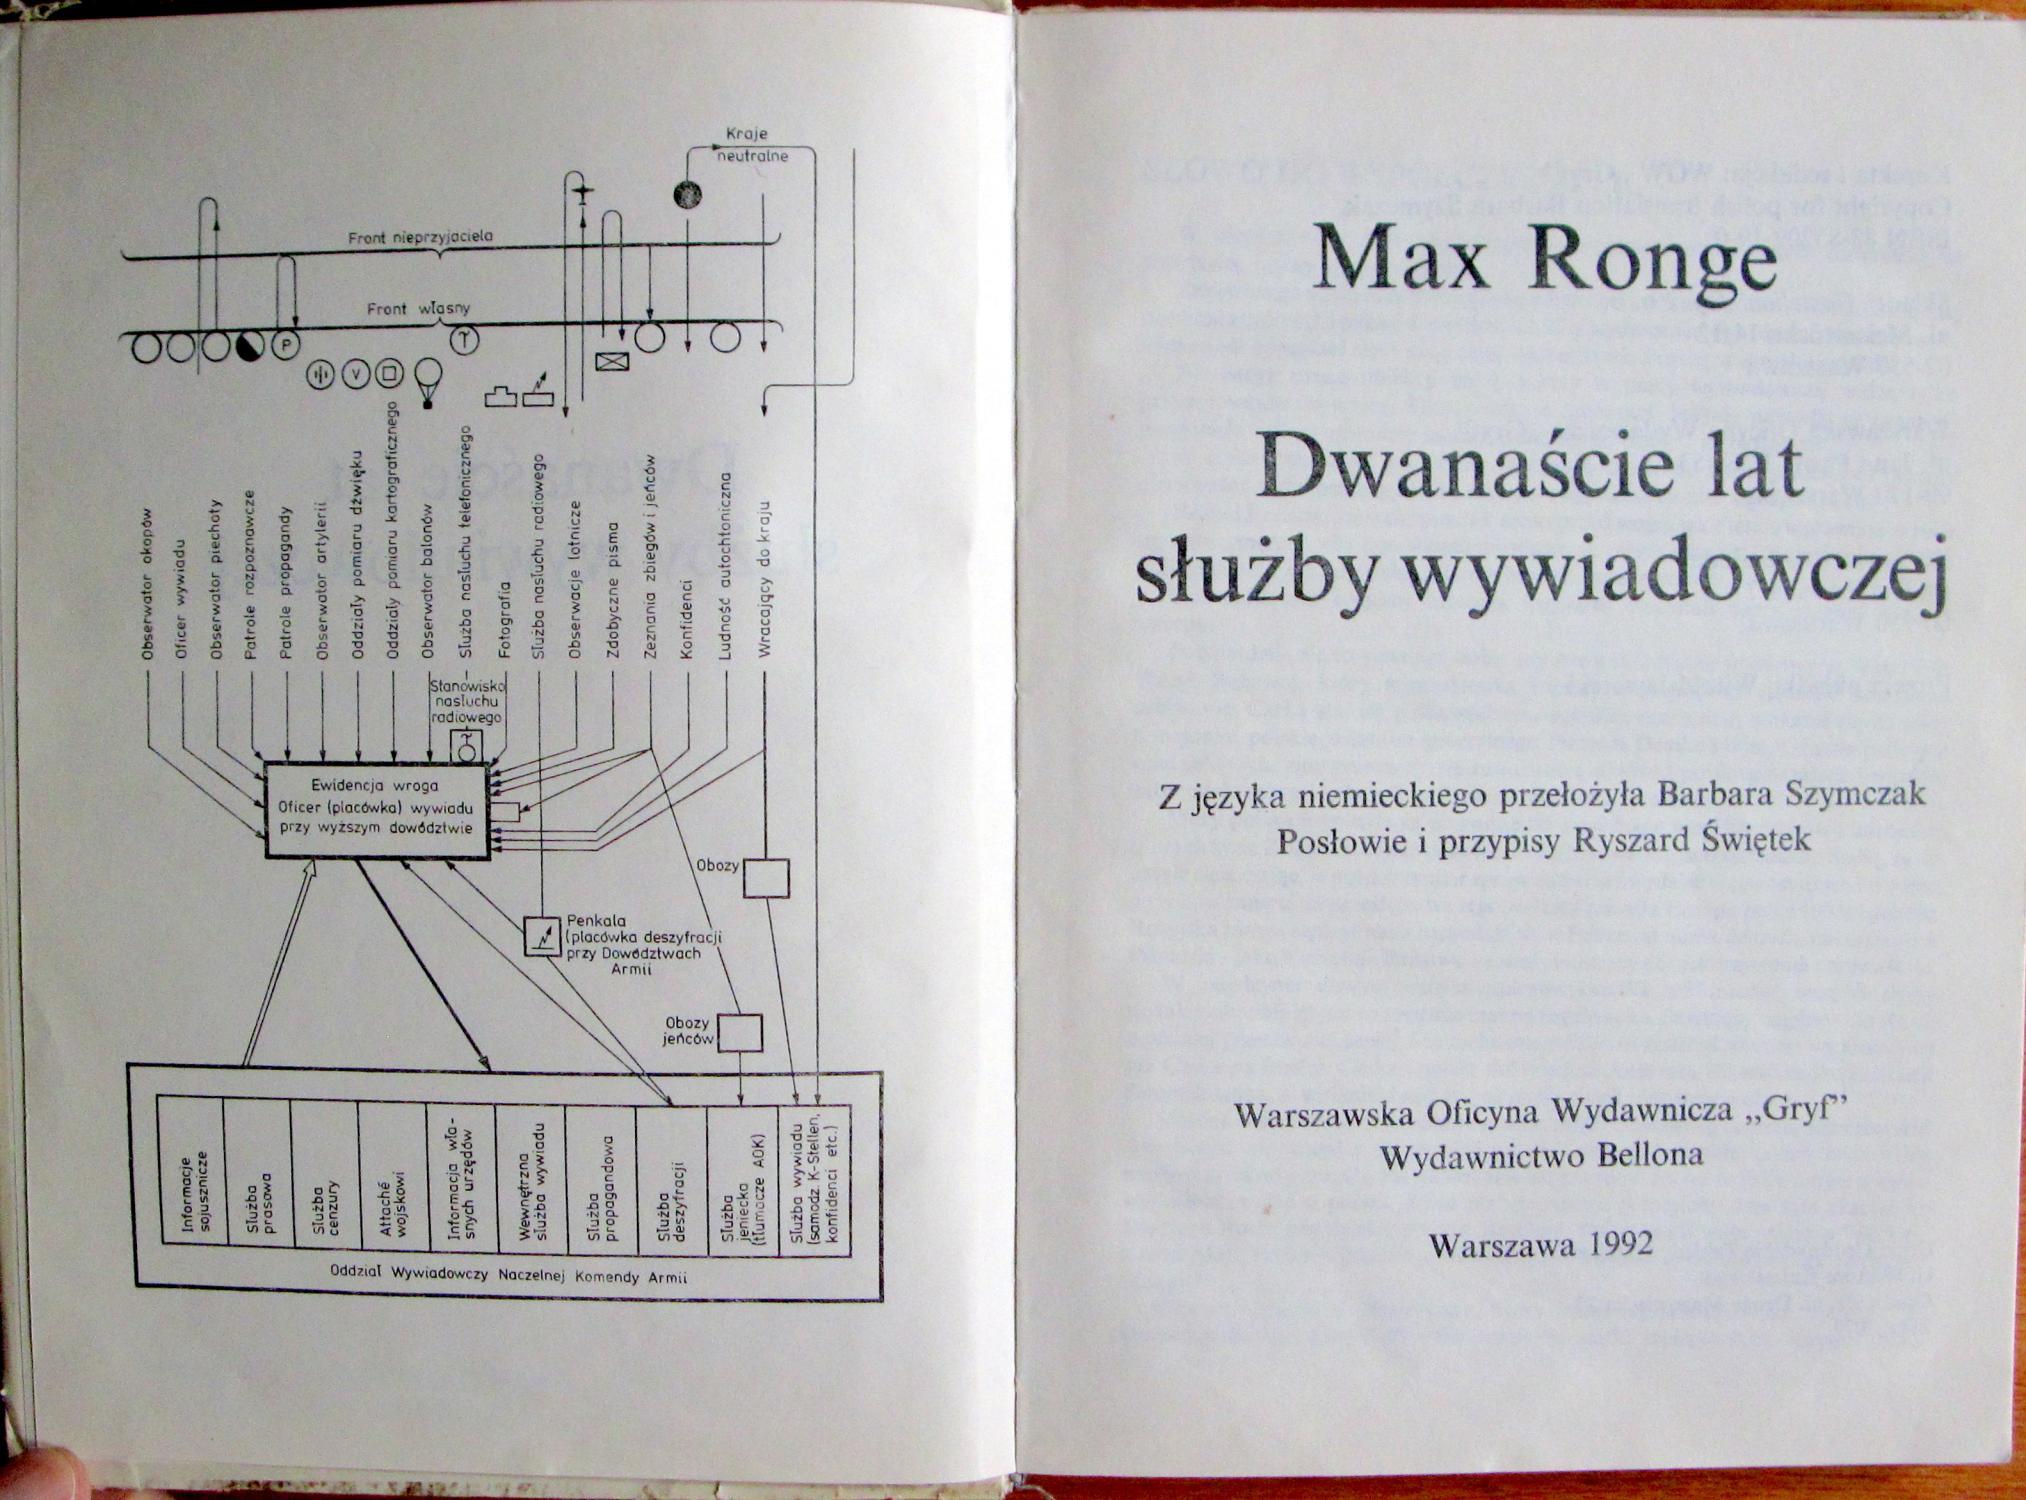 Znalezione obrazy dla zapytania max ronge dwanaście lat służby wywiadowczej